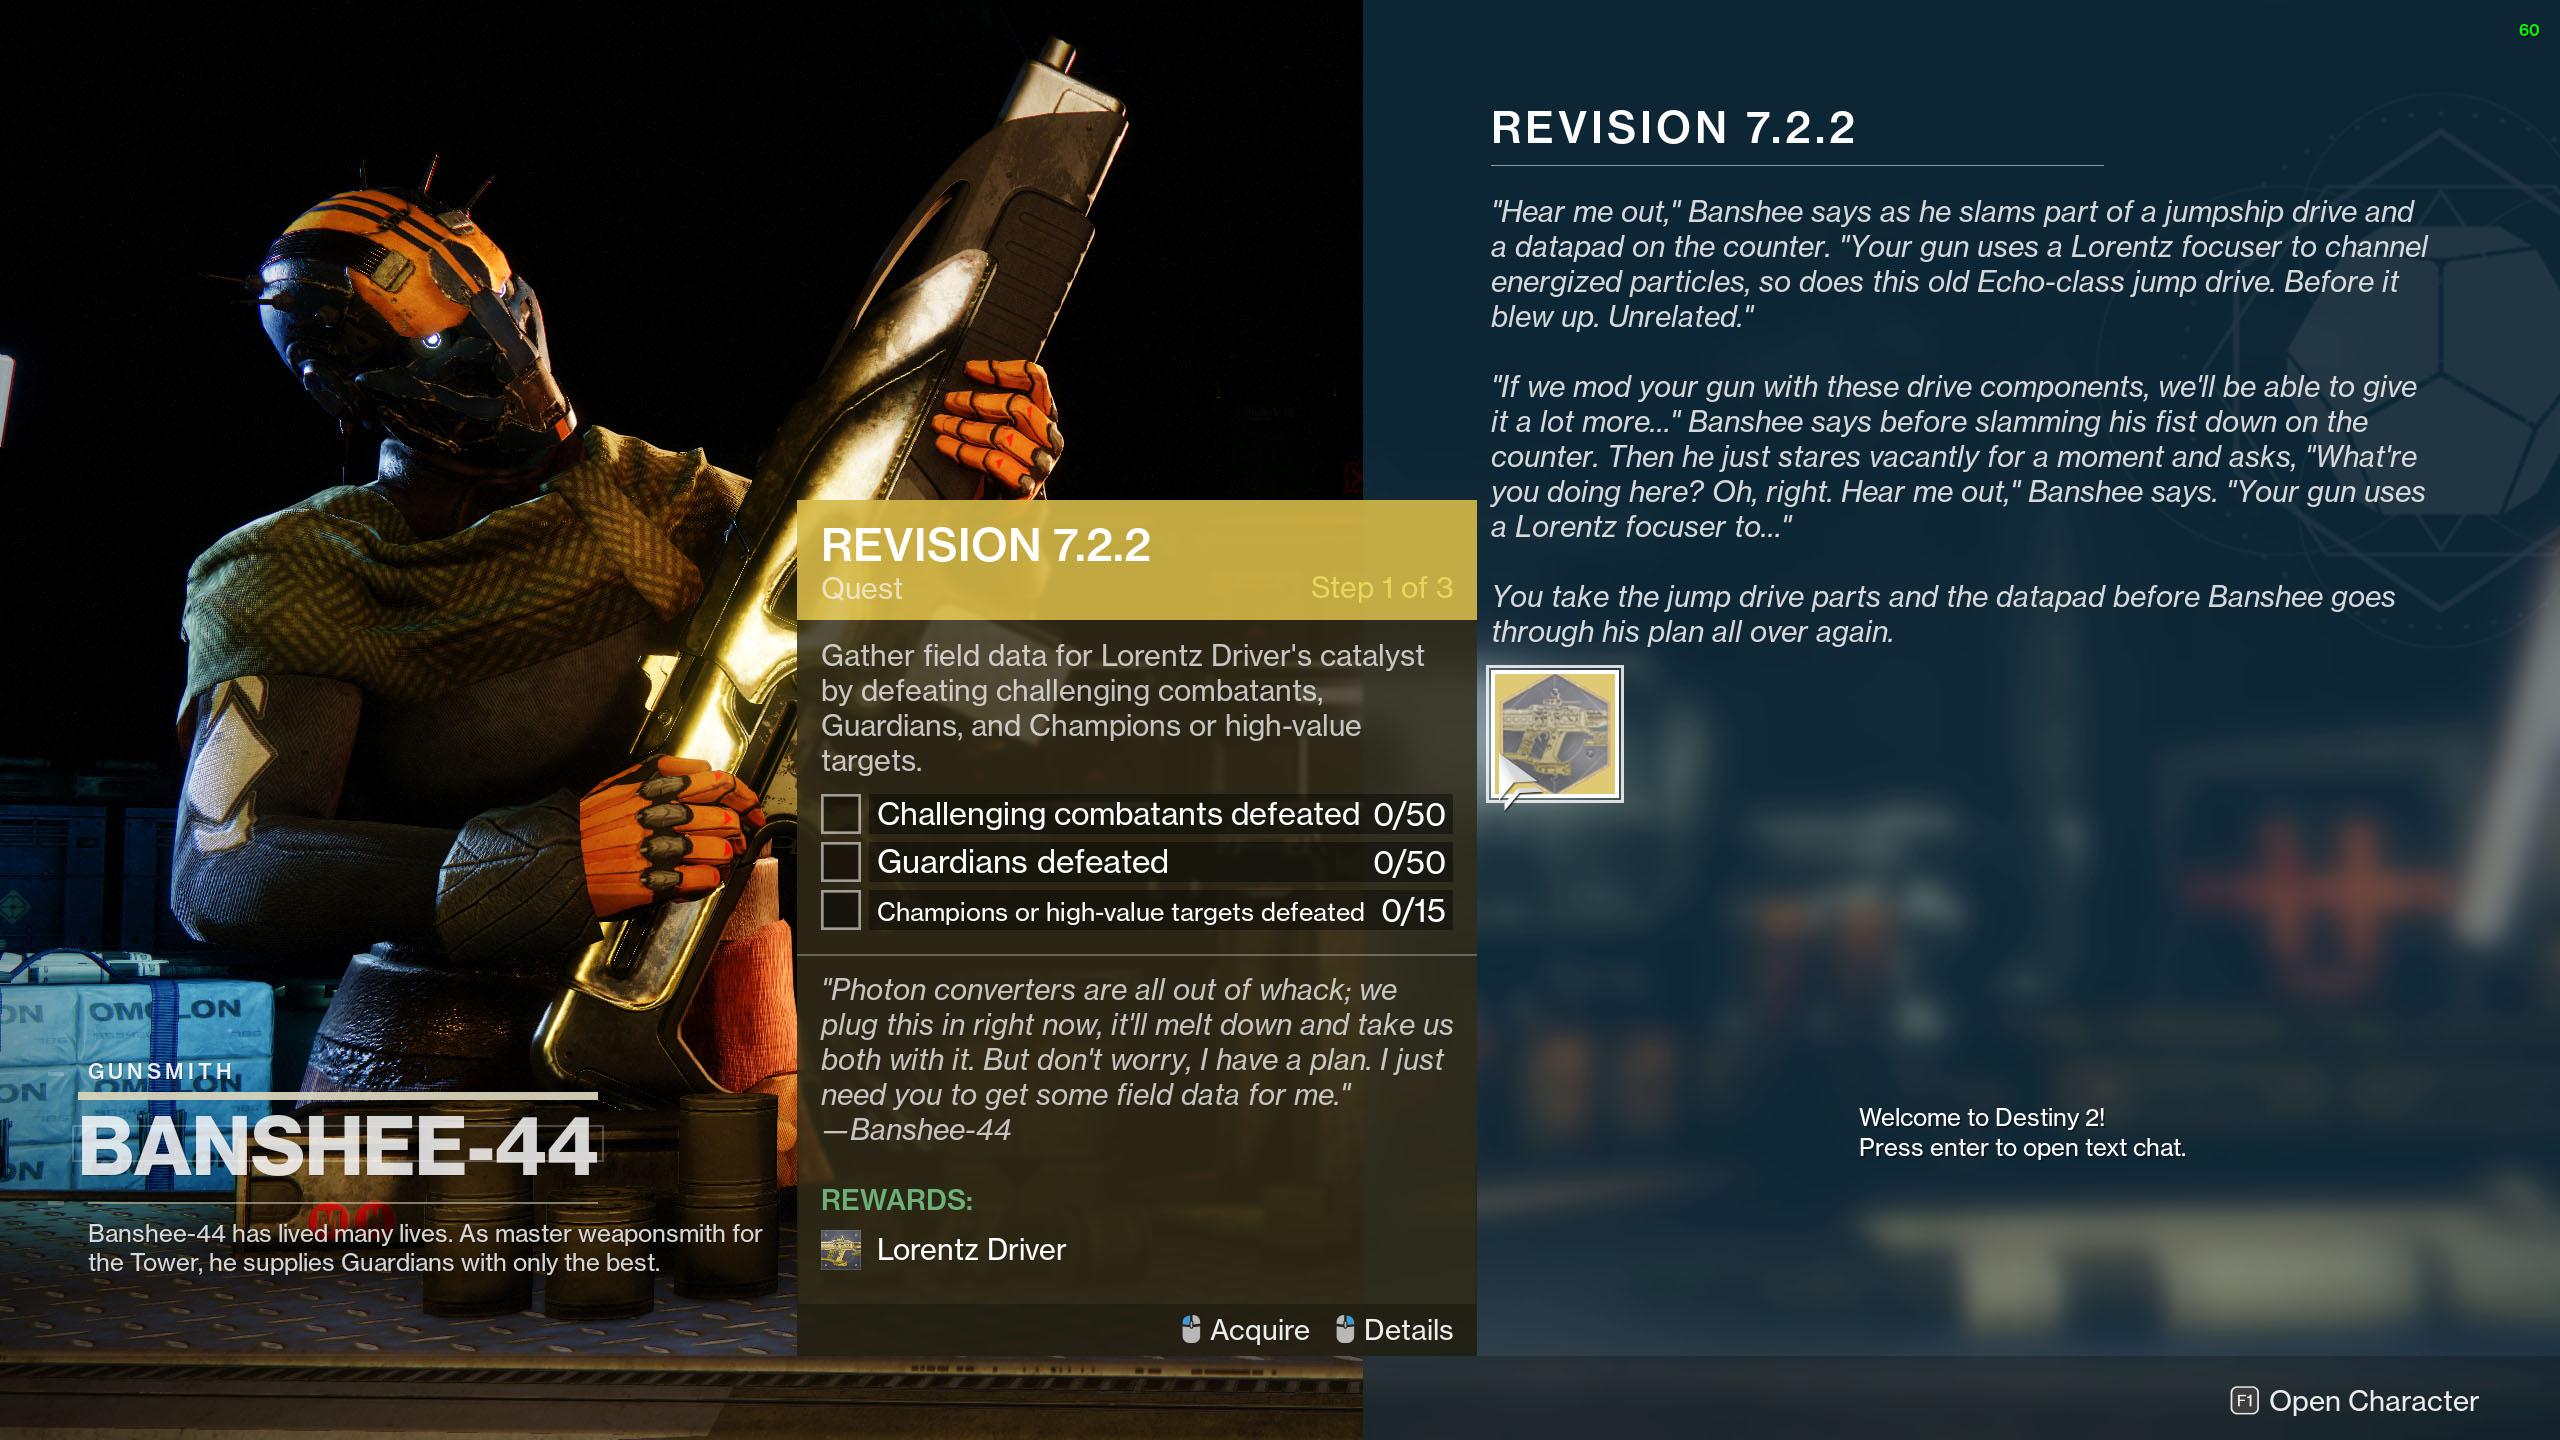 destiny 2 revision 7.2.2 quest